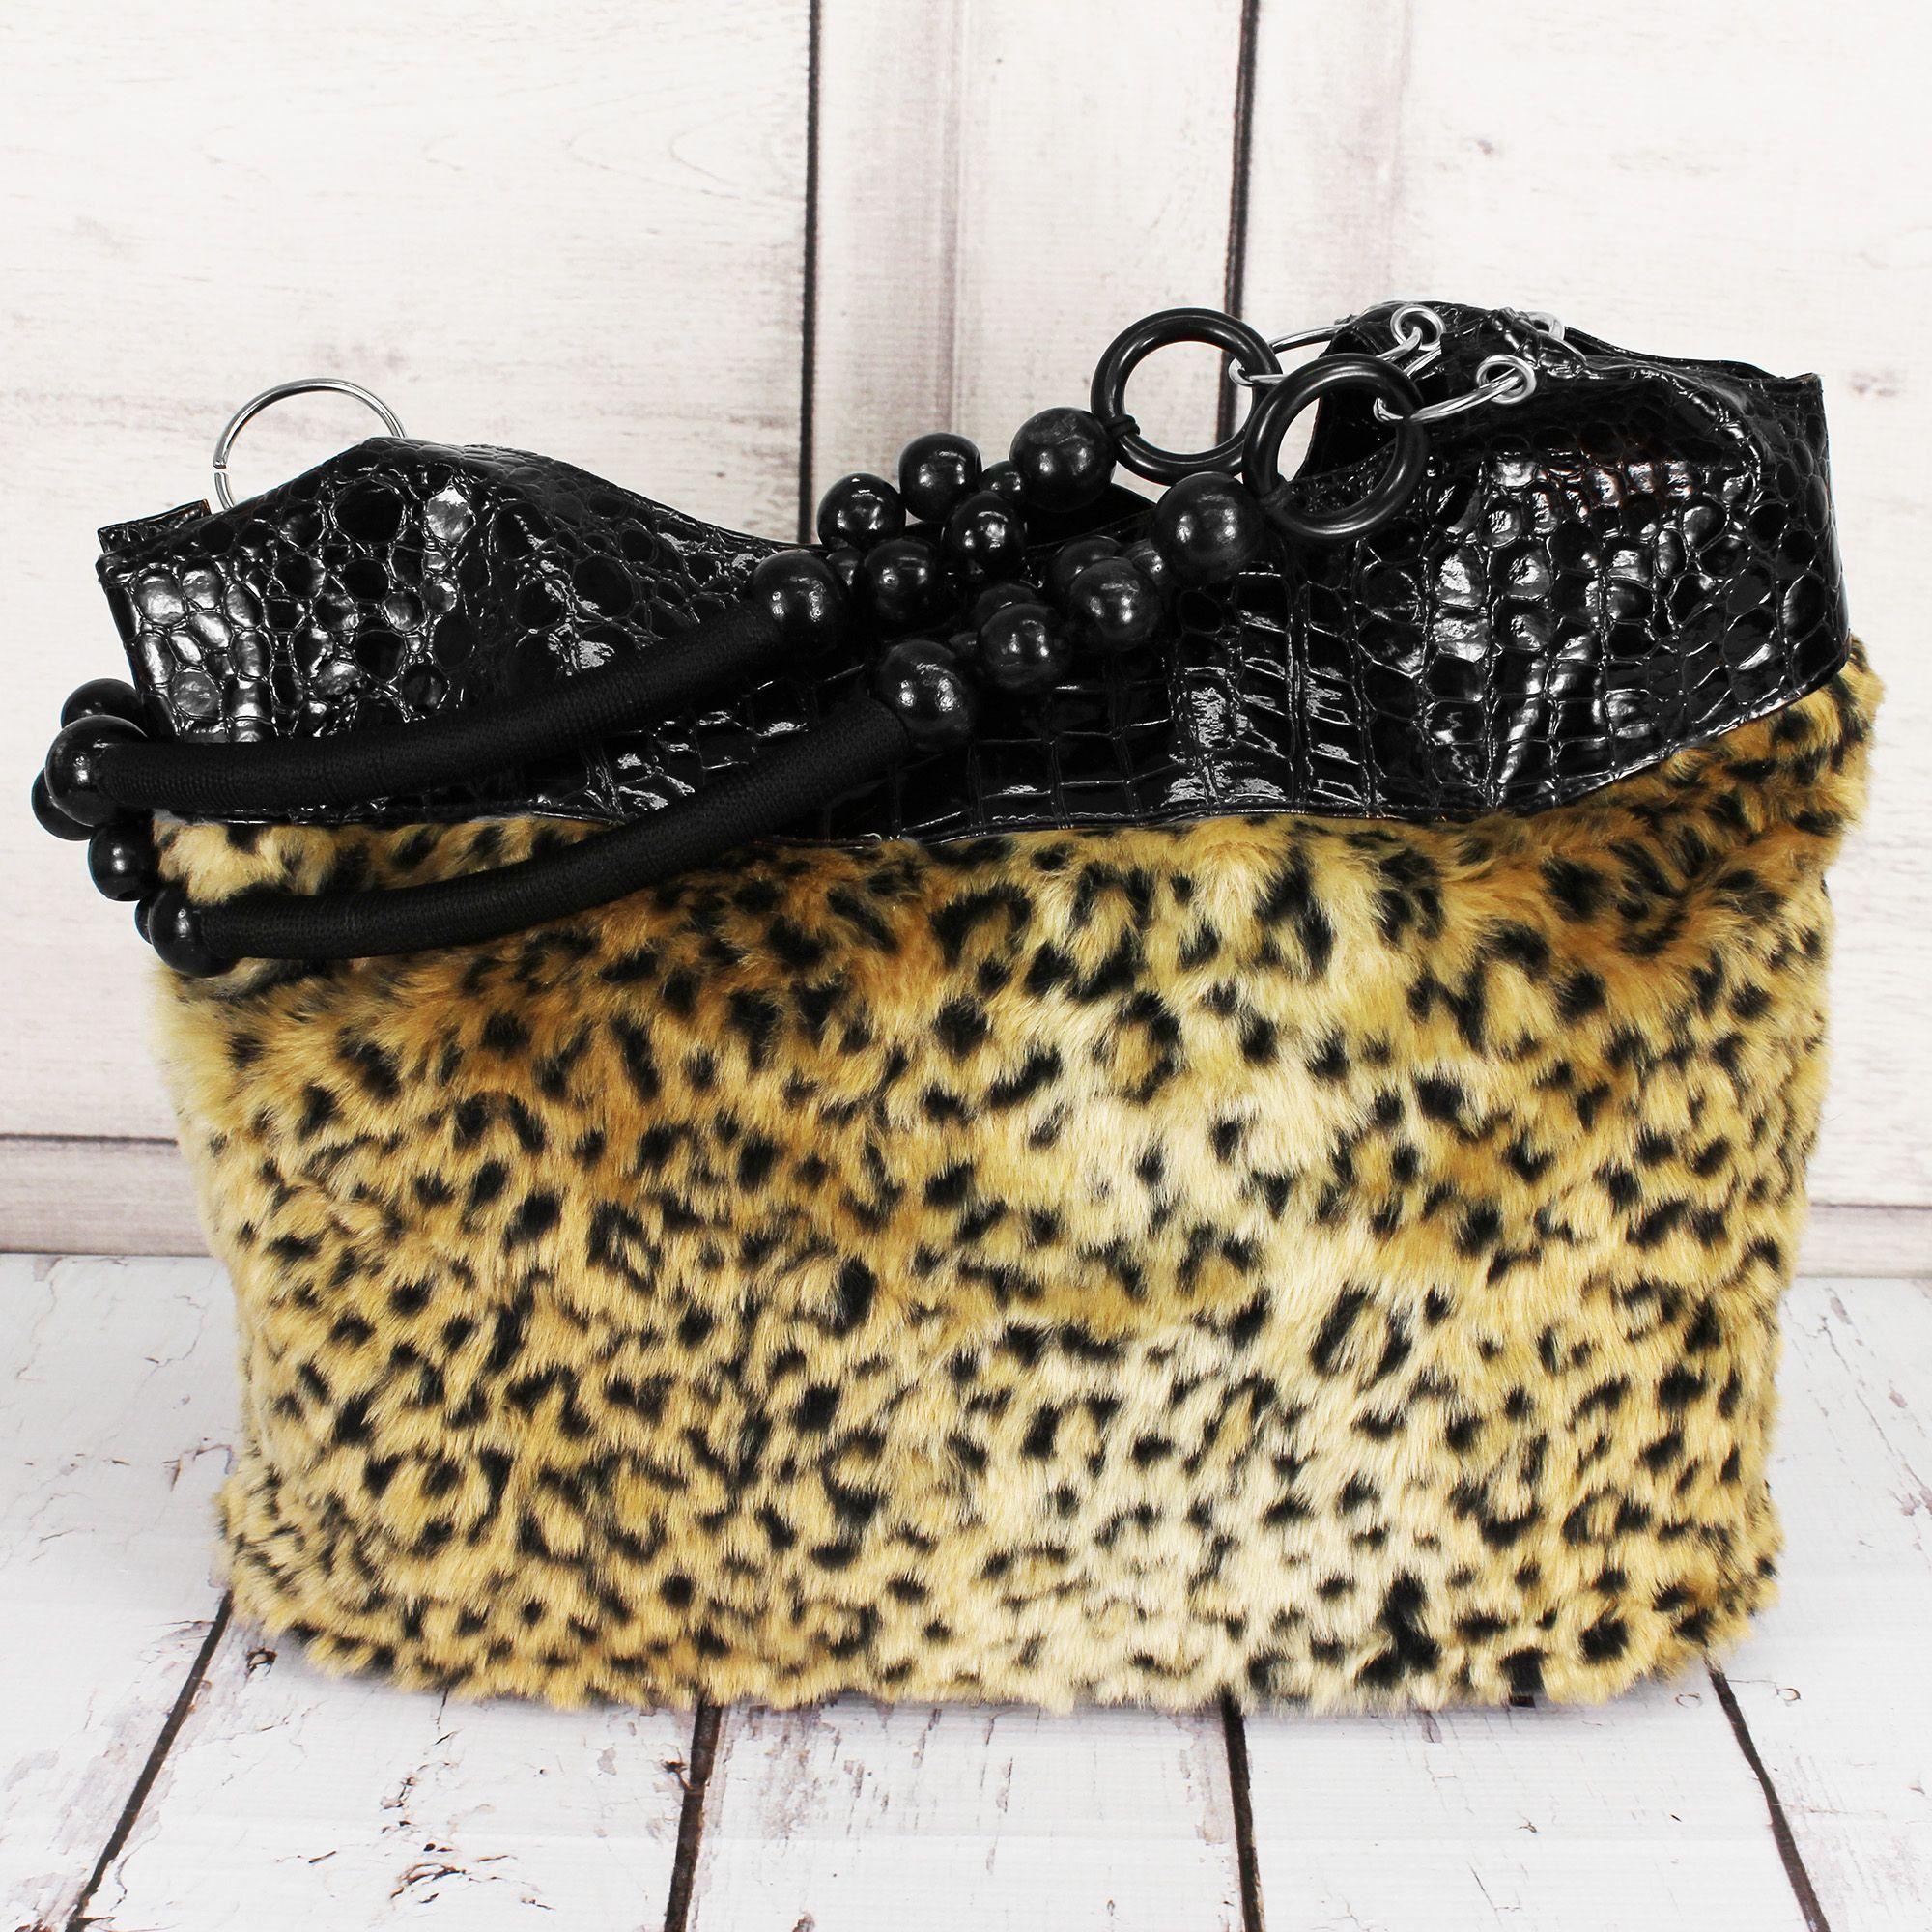 SALE! Faux Leopard Fur Shoulder Bag with Brown Croco Trim #HBG90841BR (DD1)